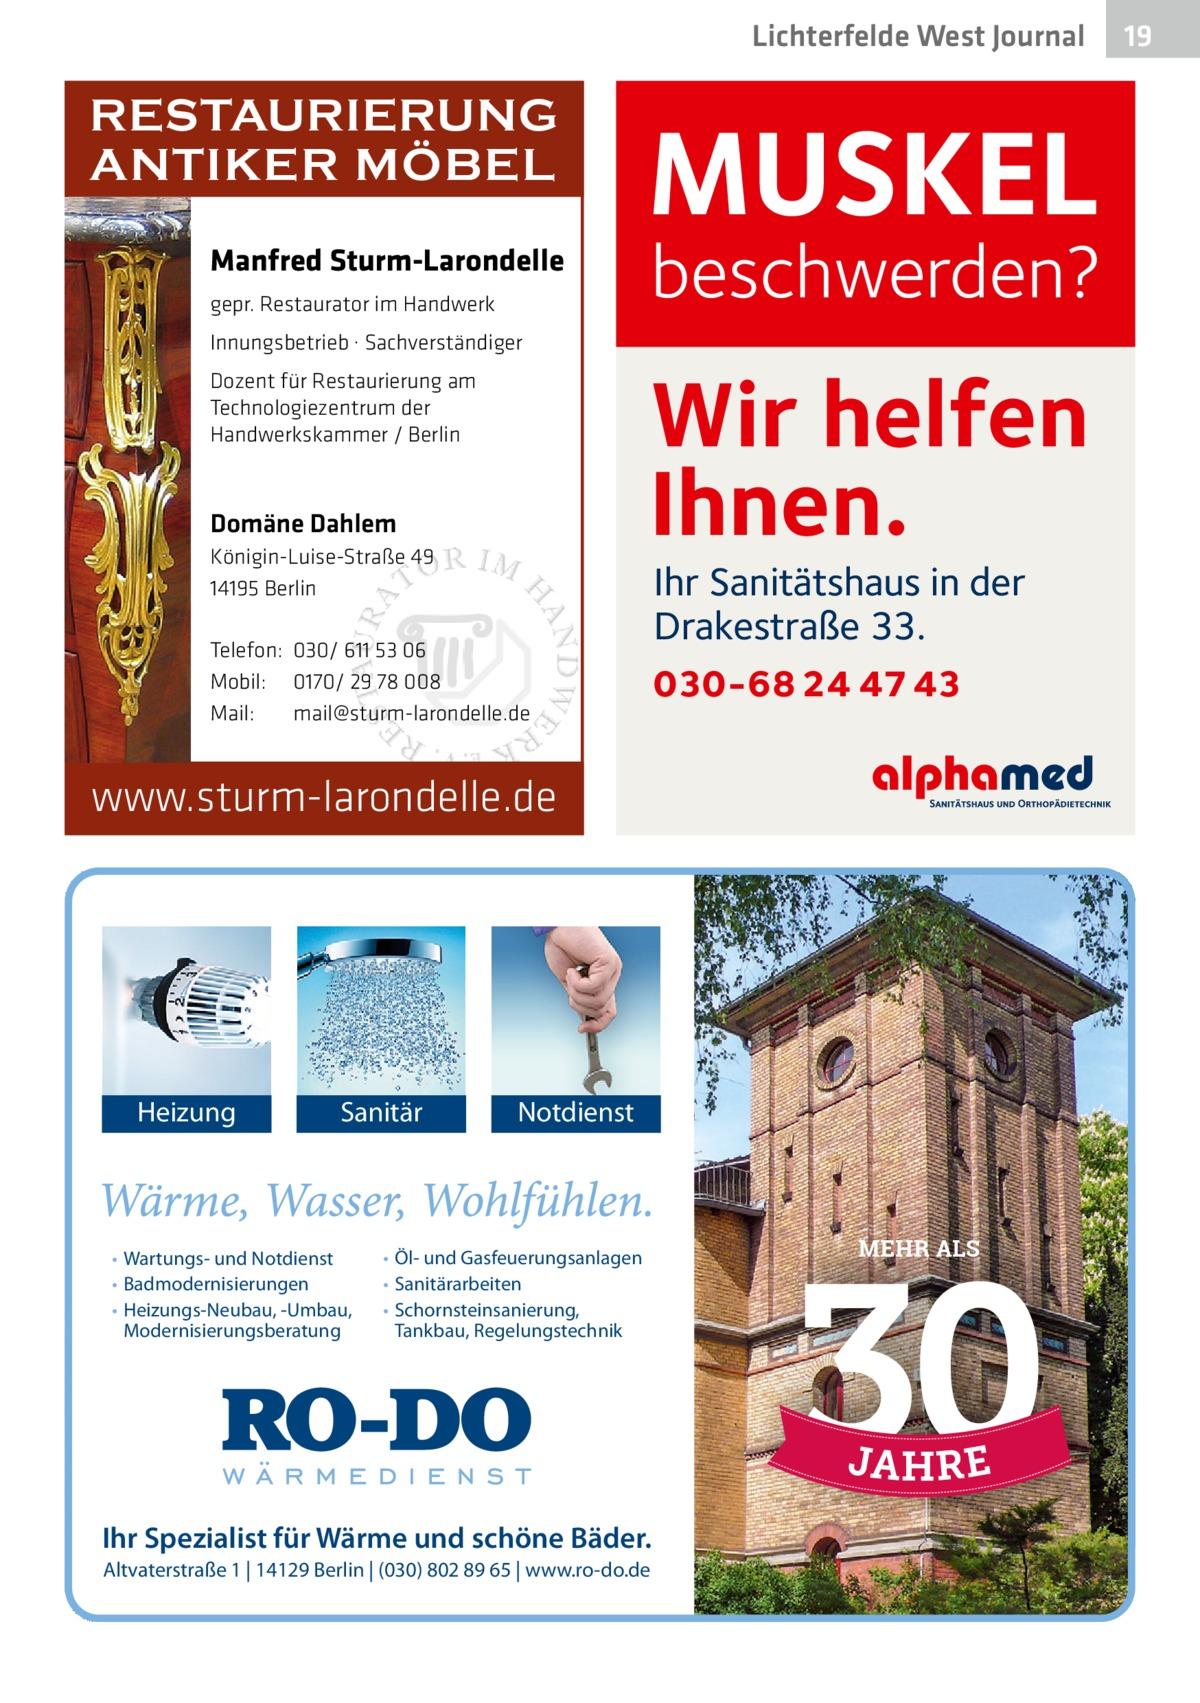 Lichterfelde West Journal  RESTAURIERUNG ANTIKER MÖBEL Manfred Sturm-Larondelle  MUSKEL  beschwerden?  gepr. Restaurator im Handwerk Innungsbetrieb · Sachverständiger  Wir helfen Ihnen.  Dozent für Restaurierung am Technologiezentrum der Handwerkskammer / Berlin  Domäne Dahlem Königin-Luise-Straße 49 14195 Berlin Telefon: 030/ 611 53 06 Mobil: 0170/ 29 78 008 Mail: mail@sturm-larondelle.de  Ihr Sanitätshaus in der Drakestraße 33.  030-68 24 47 43  www.sturm-larondelle.de  Heizung  Sanitär  • Wartungs- und Notdienst • Badmodernisierungen • Heizungs-Neubau, -Umbau, Modernisierungsberatung  Notdienst  • Öl- und Gasfeuerungsanlagen • Sanitärarbeiten • Schornsteinsanierung, Tankbau, Regelungstechnik  Ihr Spezialist für Wärme und schöne Bäder. Altvaterstraße 1 | 14129 Berlin | (030) 802 89 65 | www.ro-do.de  MEHR ALS  19 19